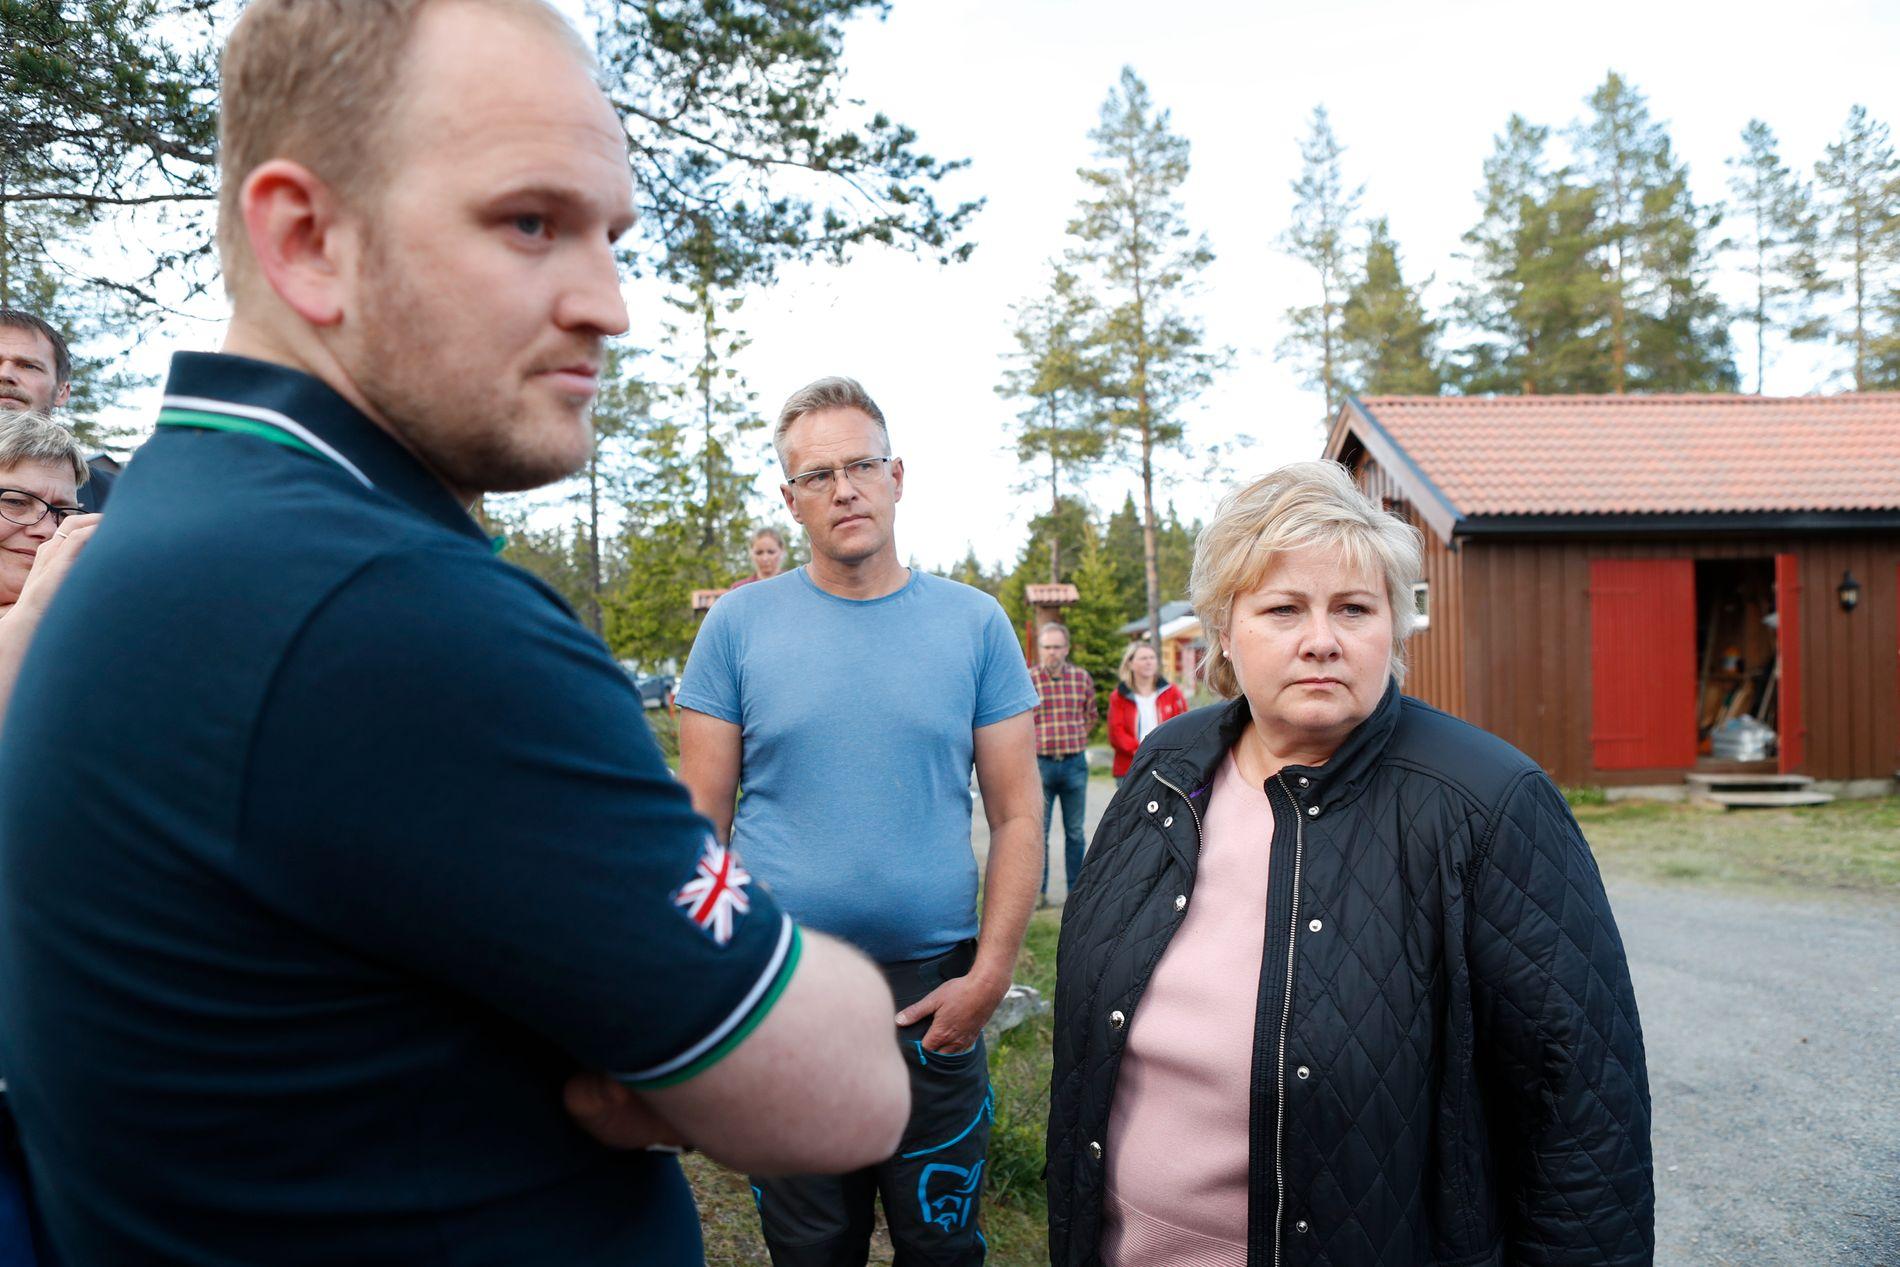 DYSTER STEMNING: Statsminister Erna Solberg og landbruksminister Jon Georg Dale i samtale med sauebøndene Lene Bilde og Arne Bilde, som har fått åtte av sine sauer drept av ulv, på Åstjern torsdag kveld.